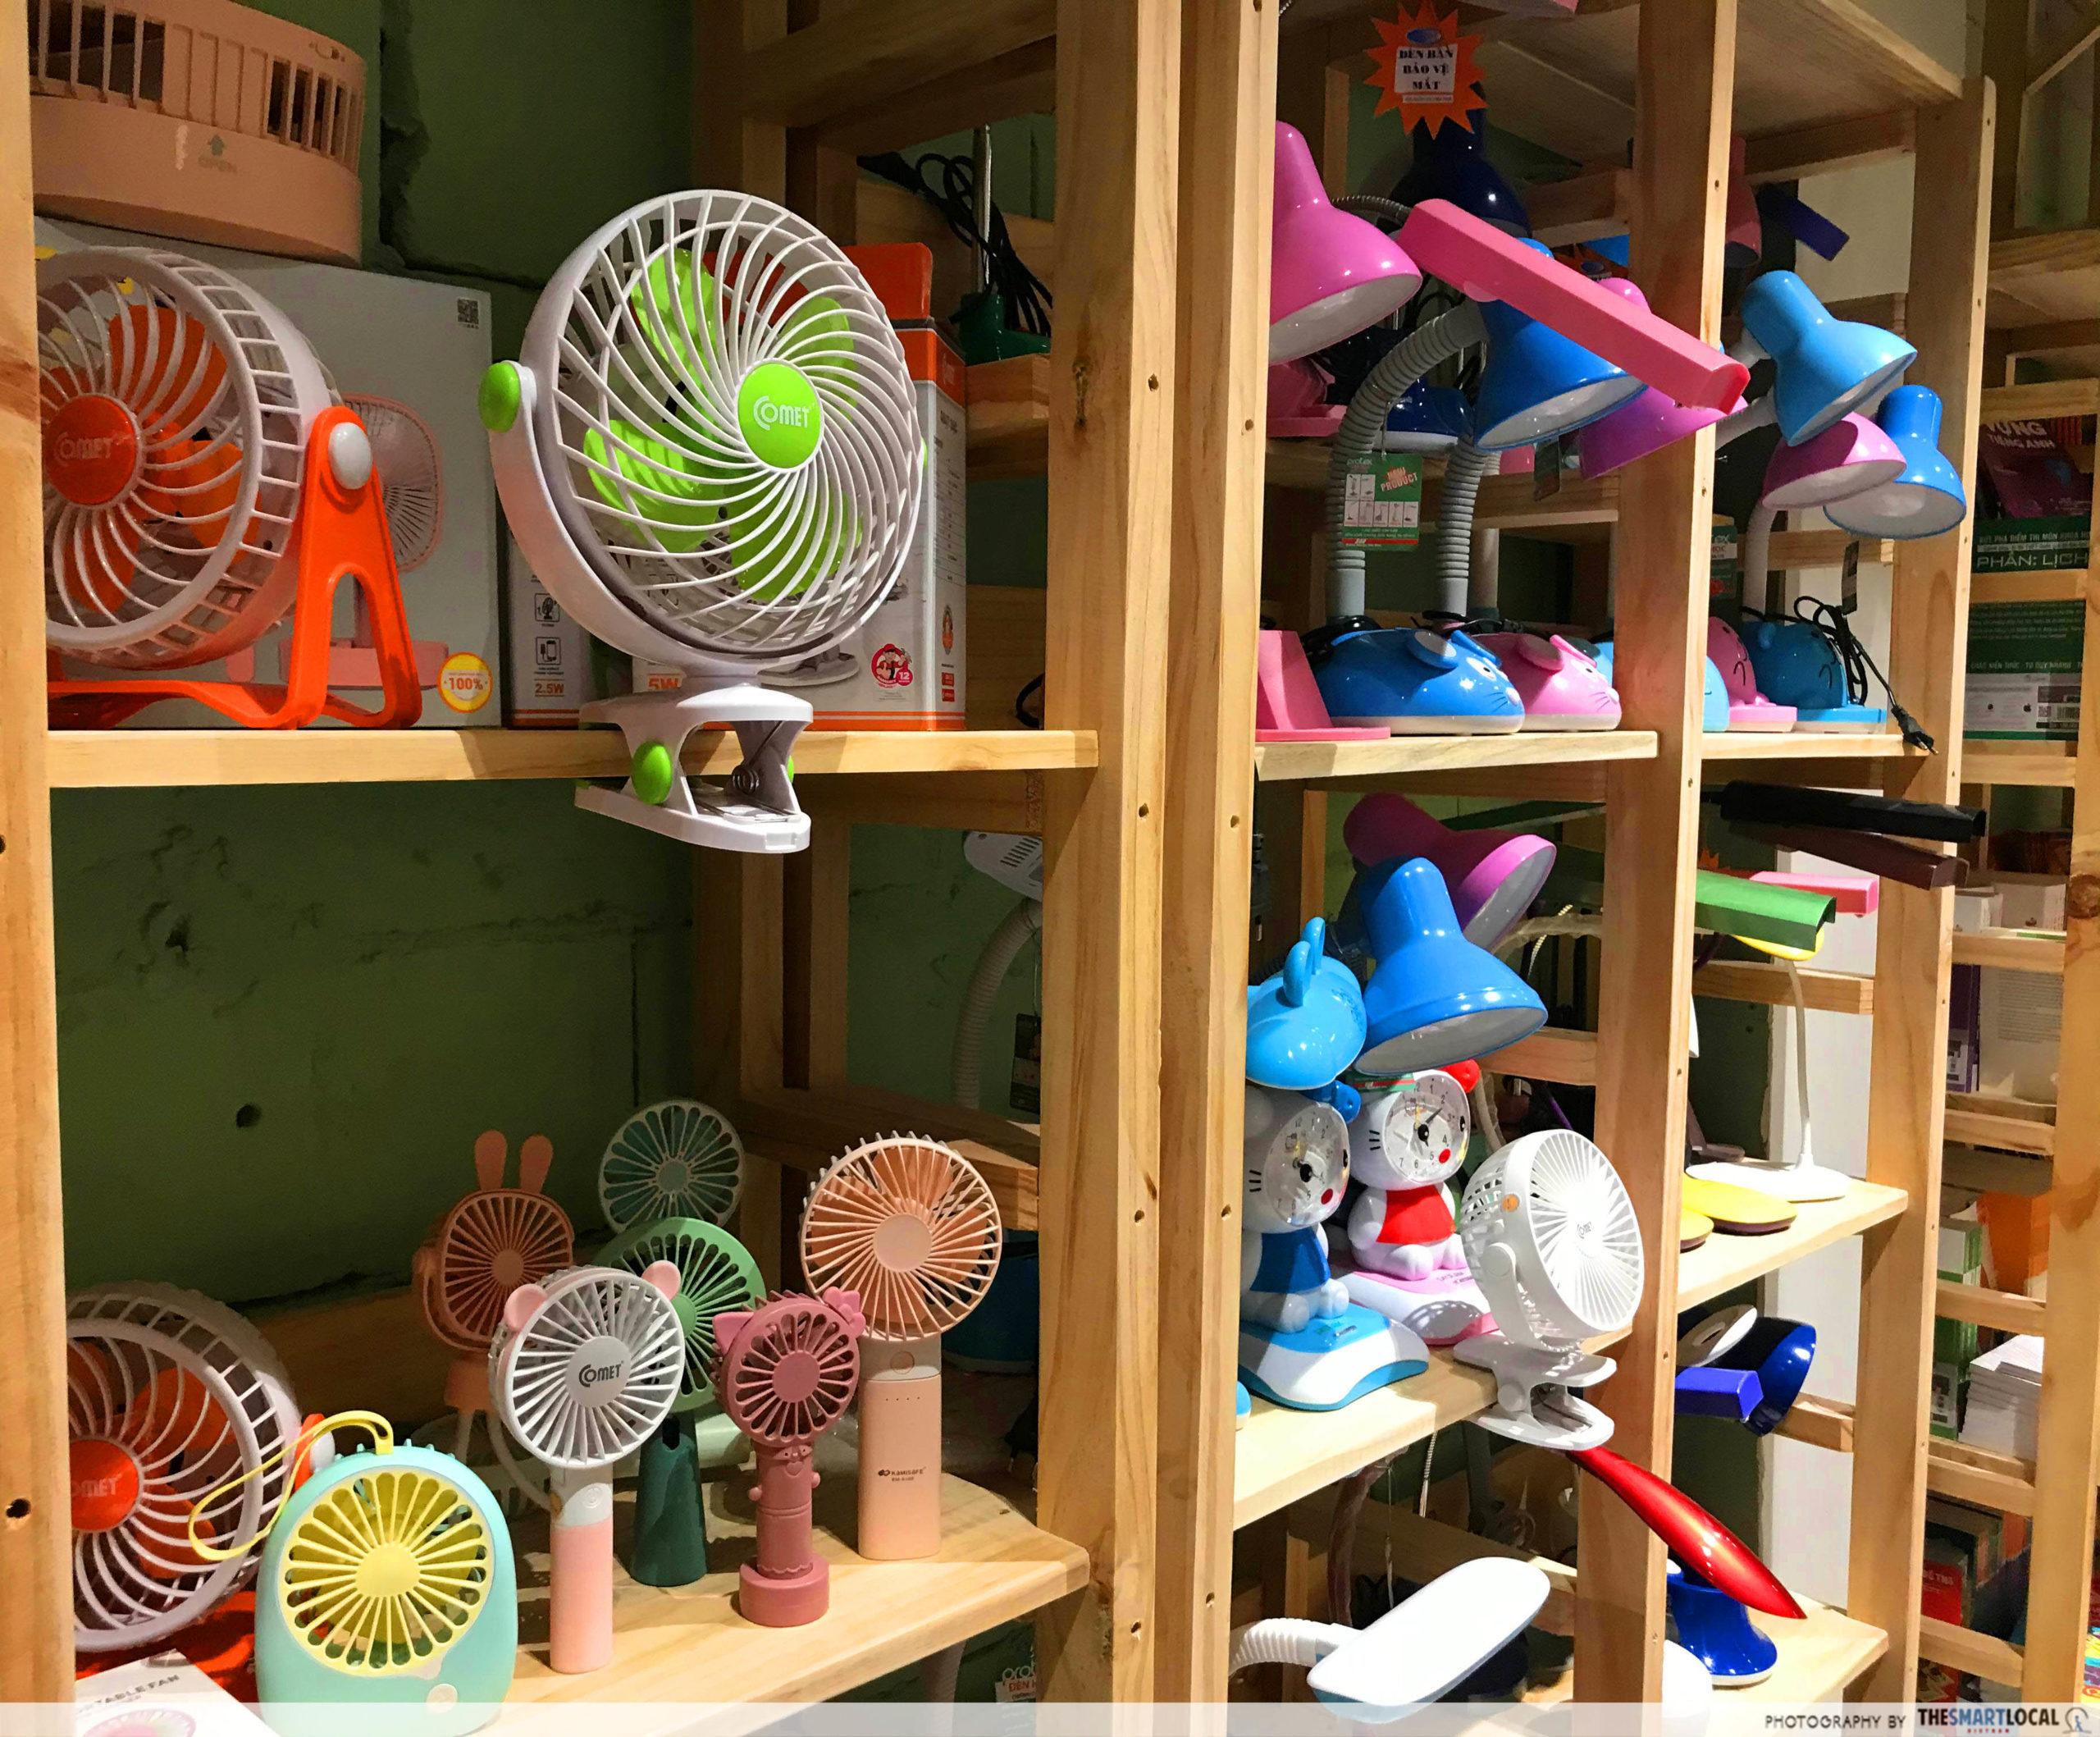 Phuong Nam Book City Saigon Center_household appliances